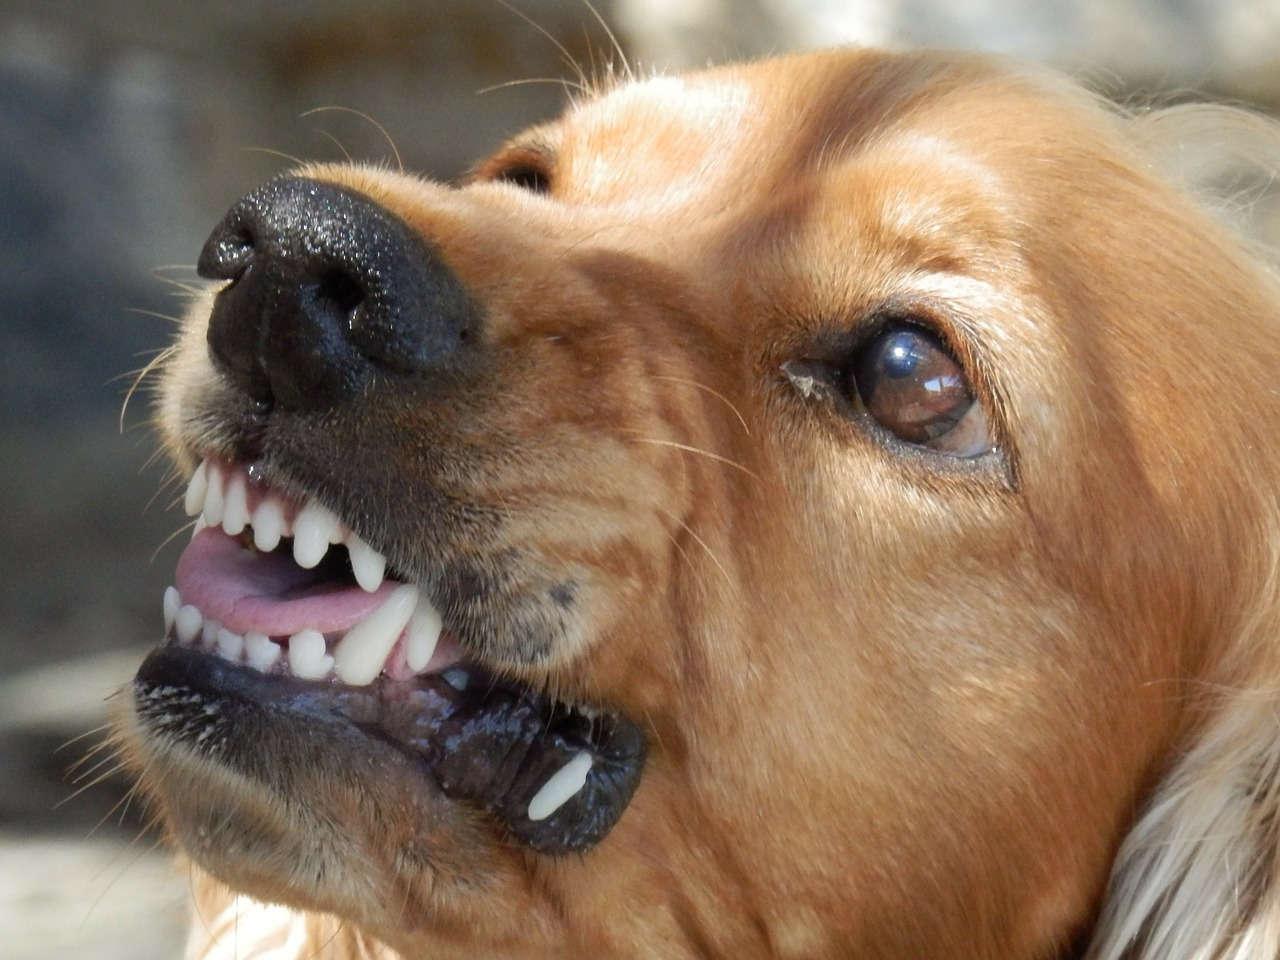 Körpersprache Hund drohen, Knurren